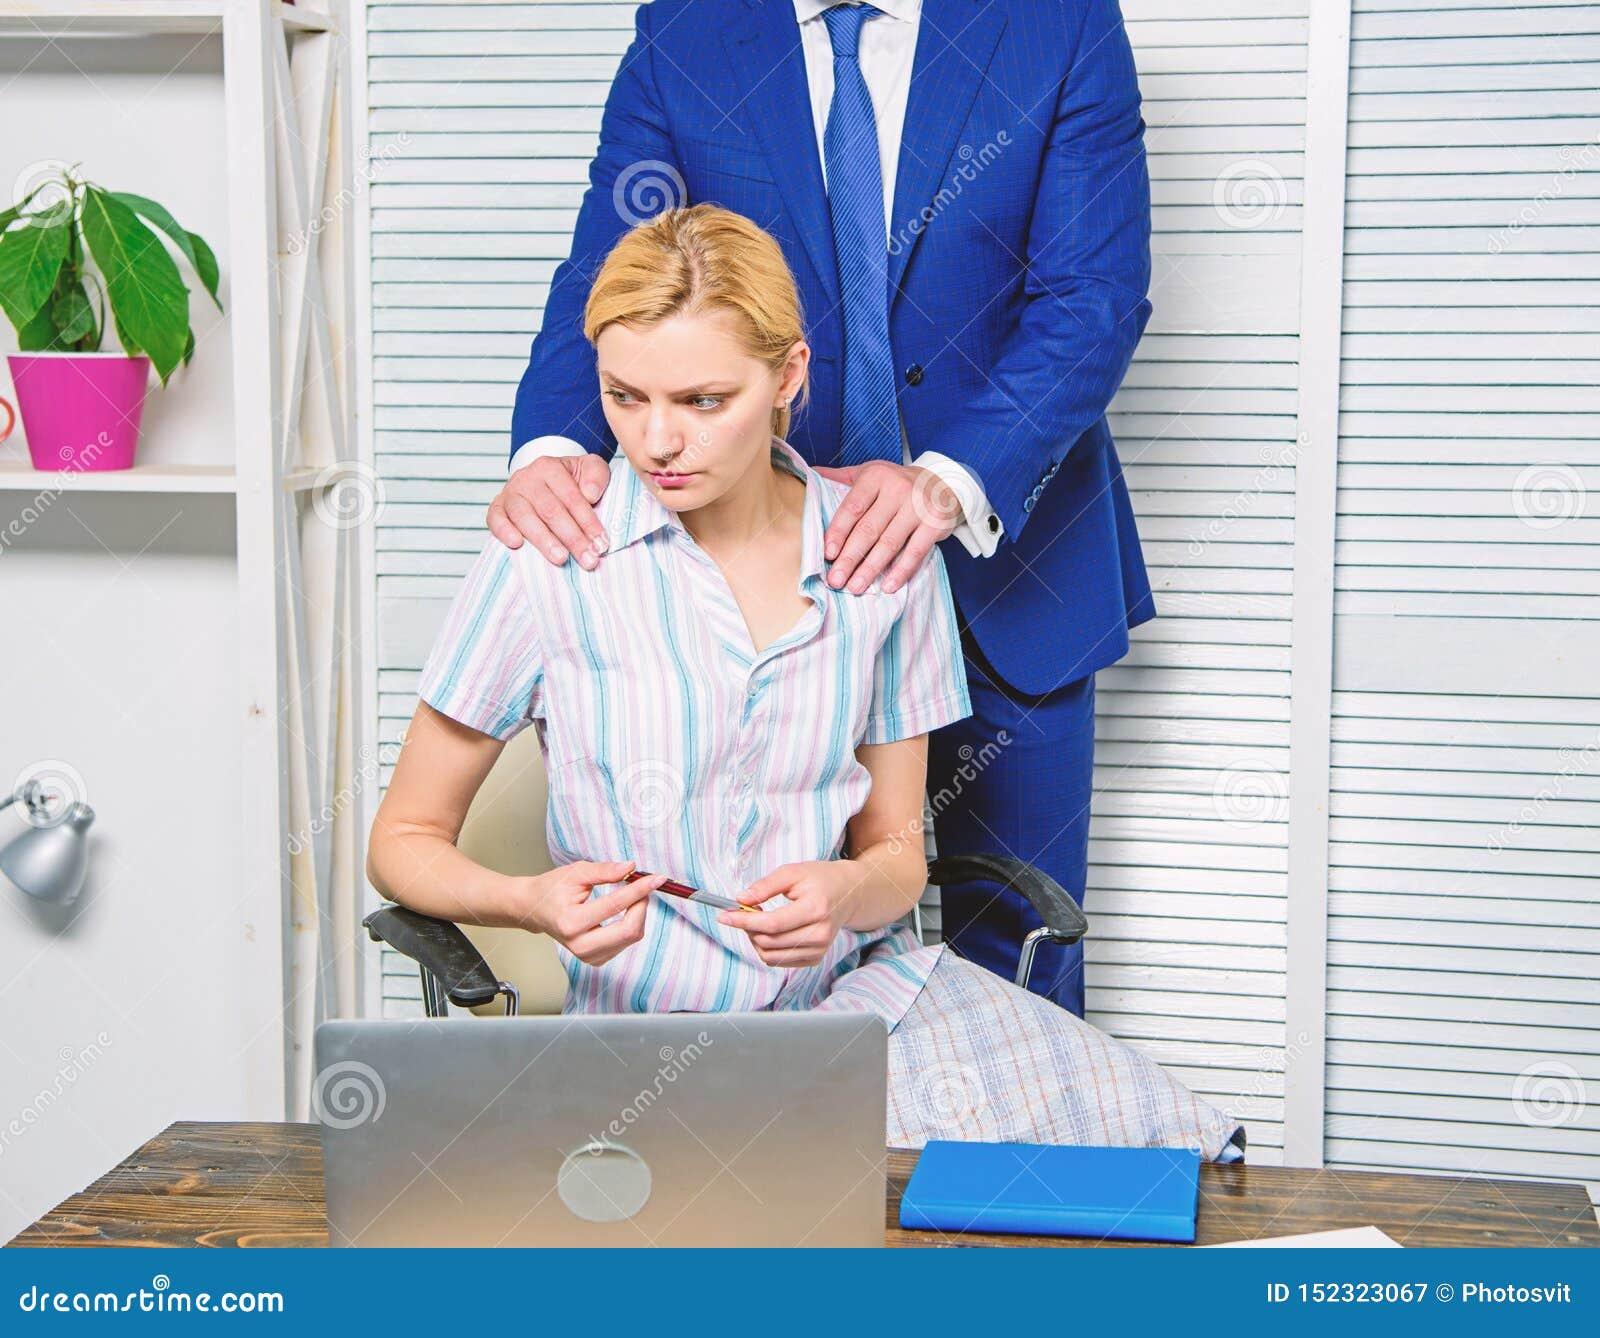 Comportamento inaccettabile nel luogo di lavoro Relazioni vietate sul lavoro Molestia sessuale nel luogo di lavoro Responsabile d